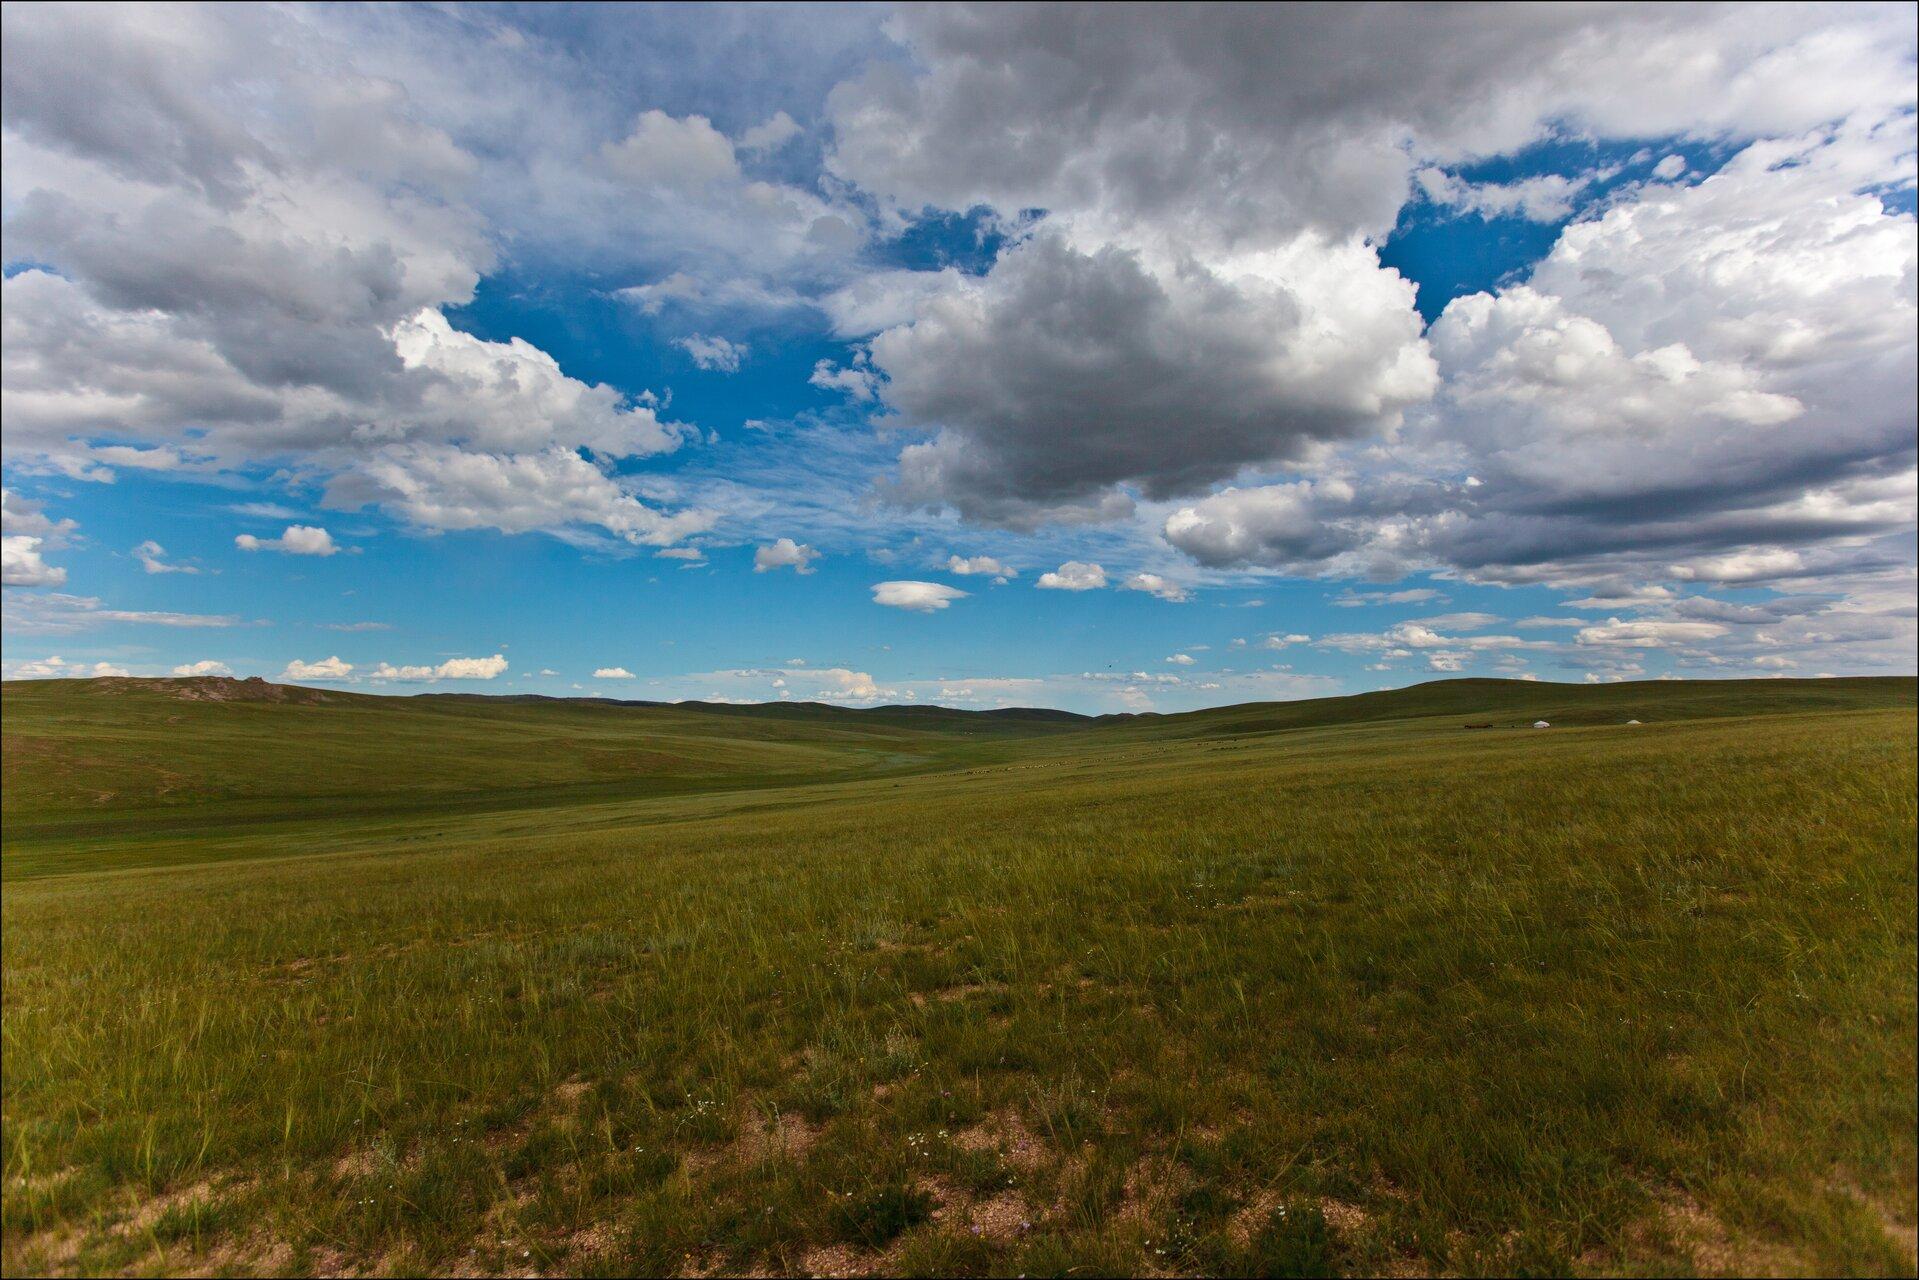 Fotografia prezentuje krajobraz stepu. Widoczny rozległy, równinny teren porośnięty trawą.